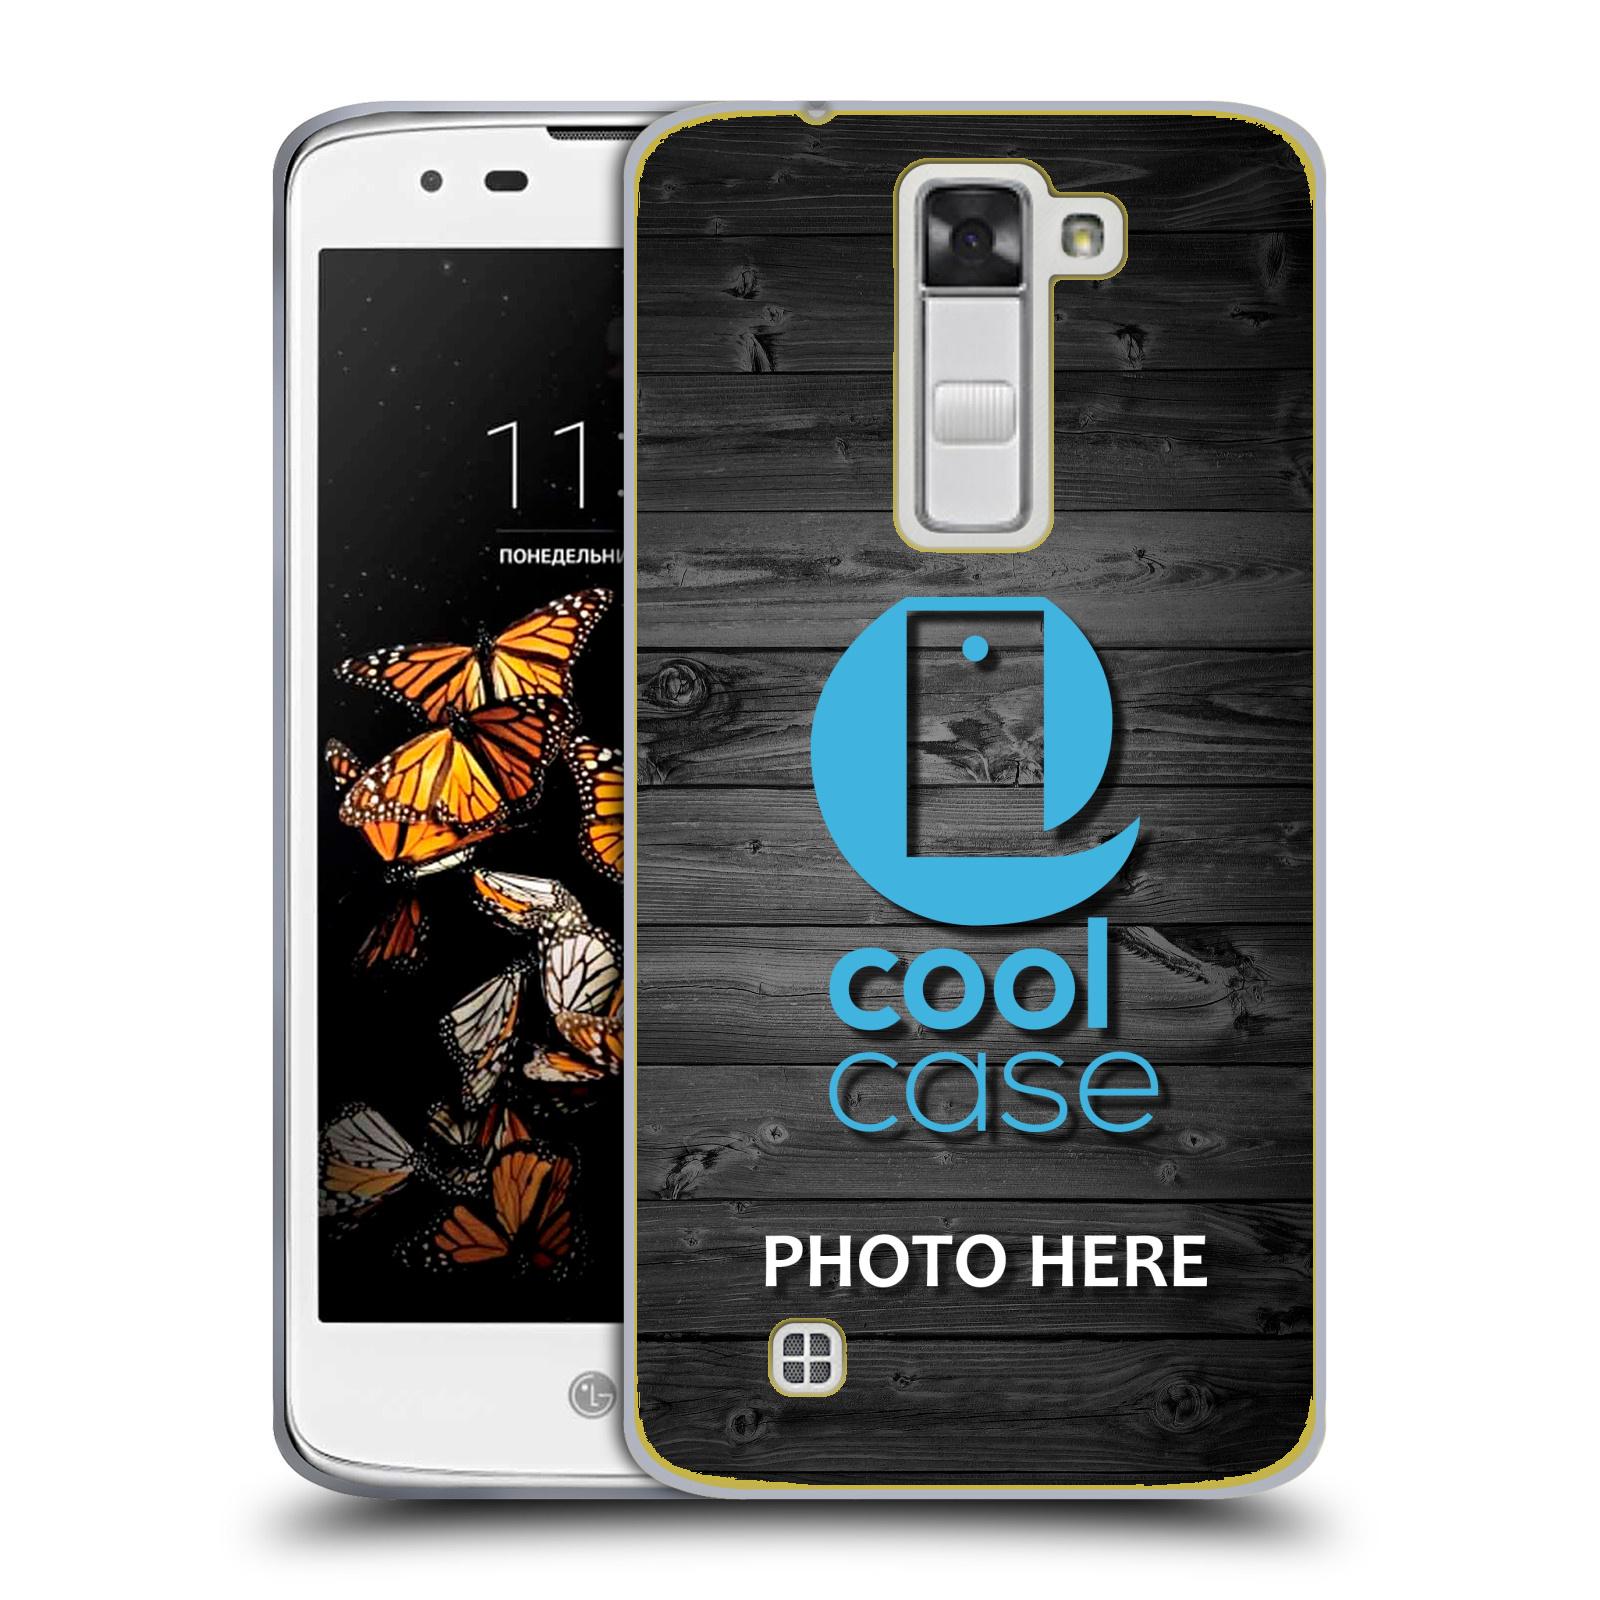 Silikonové pouzdro na mobil LG K8 HEAD CASE s vlastním motivem (Silikonový kryt či obal s vlastní fotografií na mobilní telefon LG K8 K350)